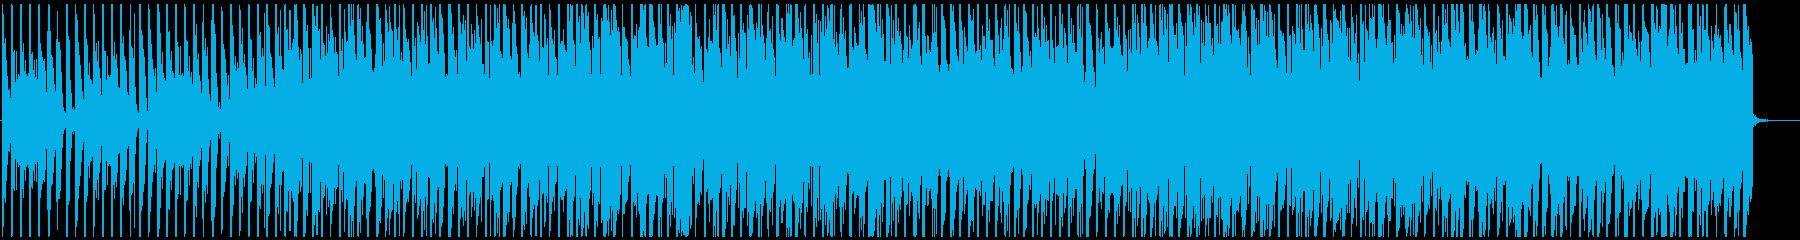 アーバンな4つ打ちディスコファンクの再生済みの波形